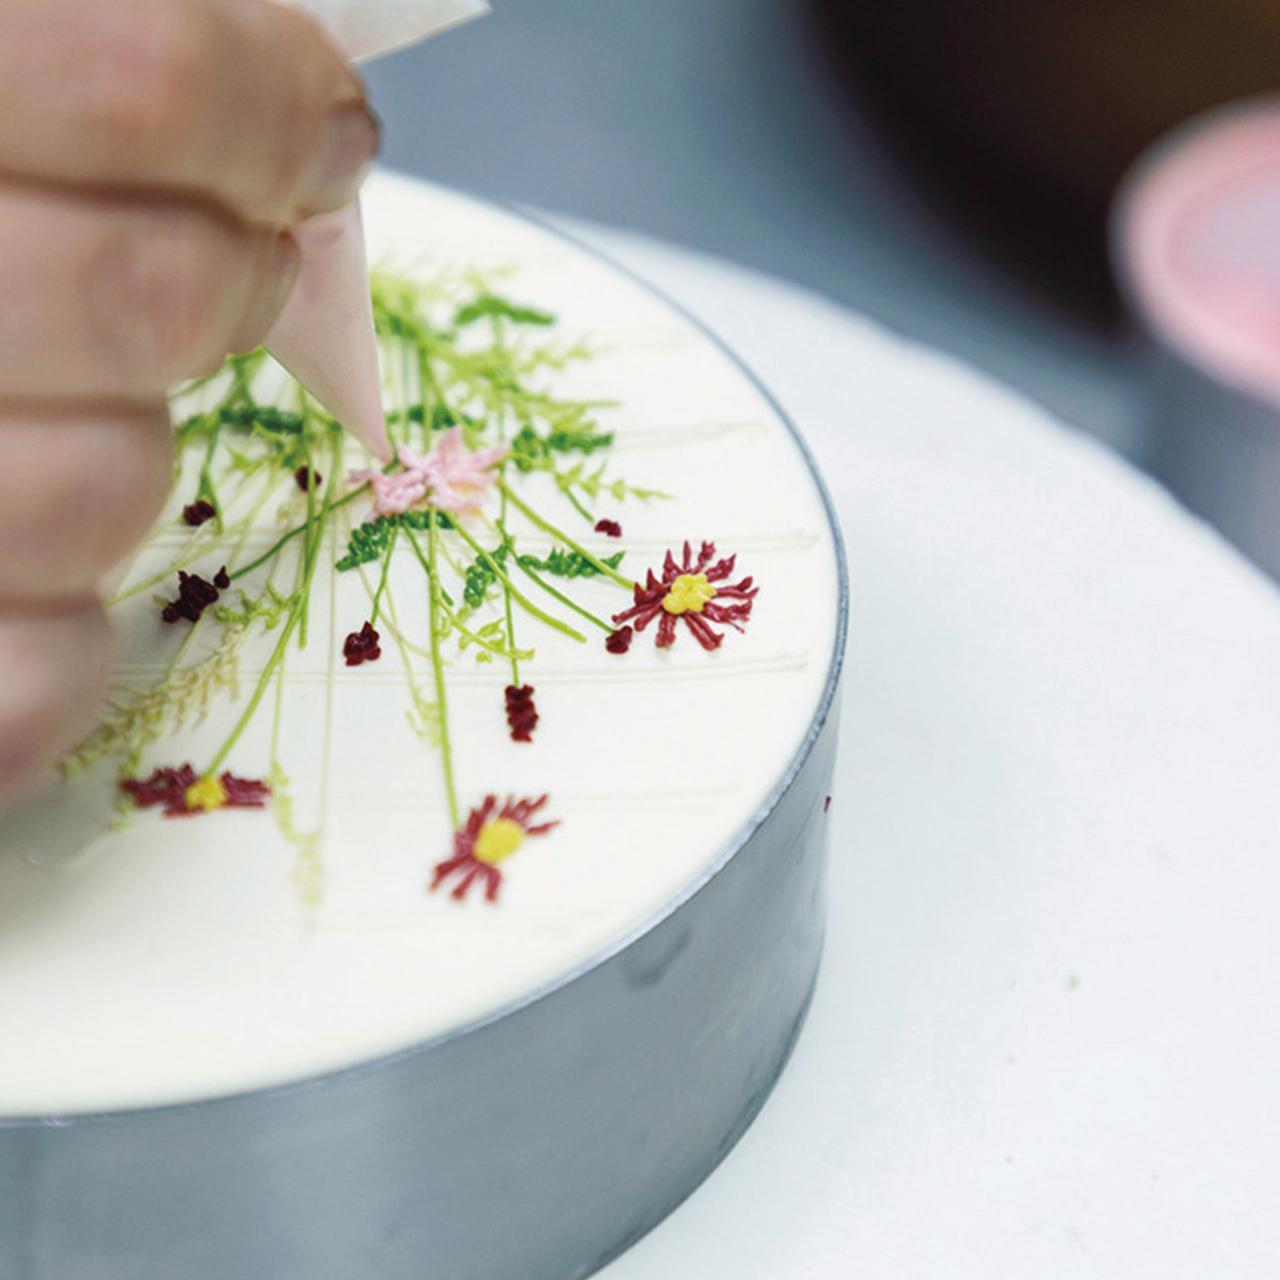 Images : 12番目の画像 - 「パーラー ローレルの 熟練職人が紡ぎだす 花のケーキの物語」のアルバム - T JAPAN:The New York Times Style Magazine 公式サイト